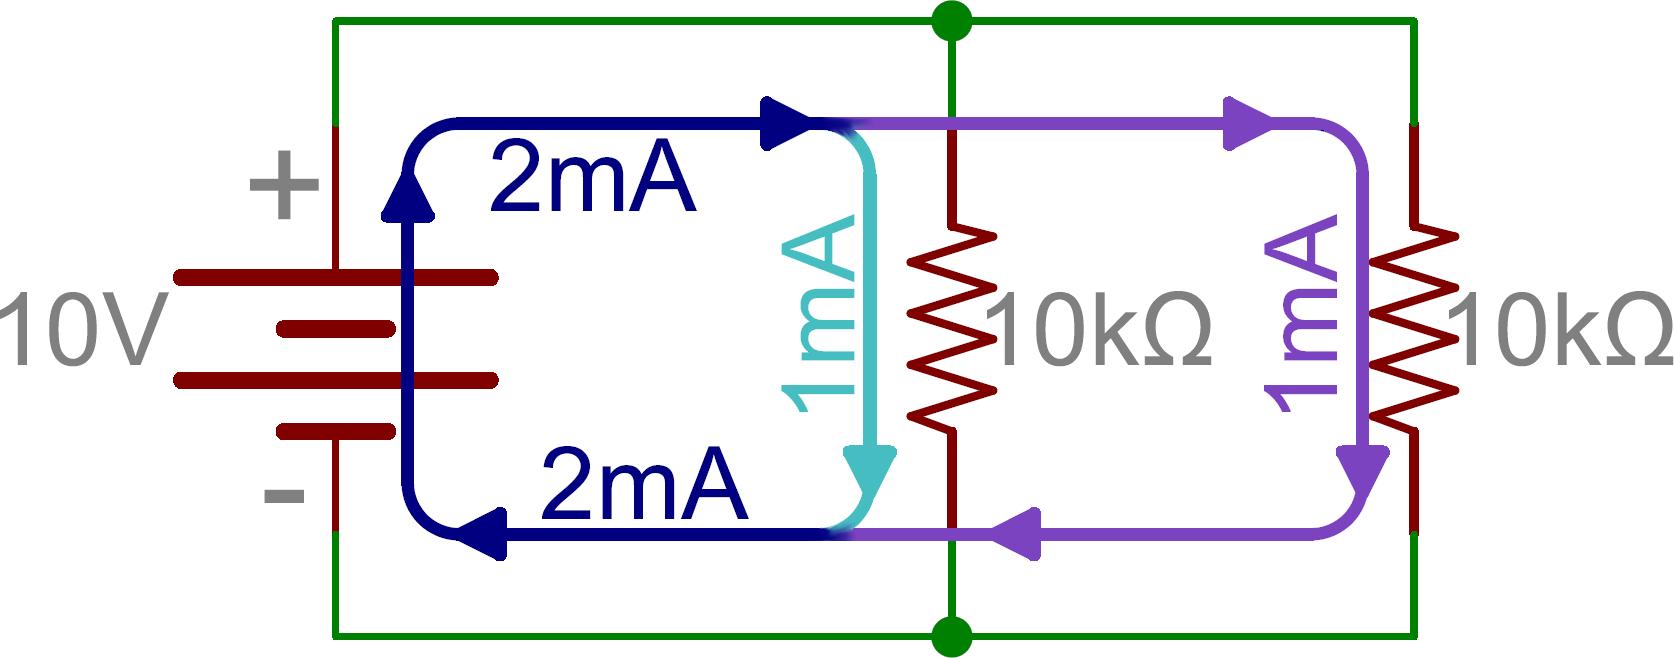 在本实验的第一部分,我们会用10k的电阻和一个100uF(即0.0001F)的电容.这两者相乘得出一秒的时间常量  时间常量会是怎样的呢?   记住这些结果,增加一个电容器,与第一个串联(如上图),确保电表的值 是0V。将滑动开关滑到ON。电压表的读数从0变成电源电压值是不是用了原 来一半稍微多的时间呢?这是因为电容器比原来多了一 倍。总的电容值变小了,所以将它充满电需要更少的时间。我们建议用第三 个电容器来证明这一点。 现在我们尝试并联电容器,记住我们说过这就像将电阻串联。于是我们得到 的总容量就是